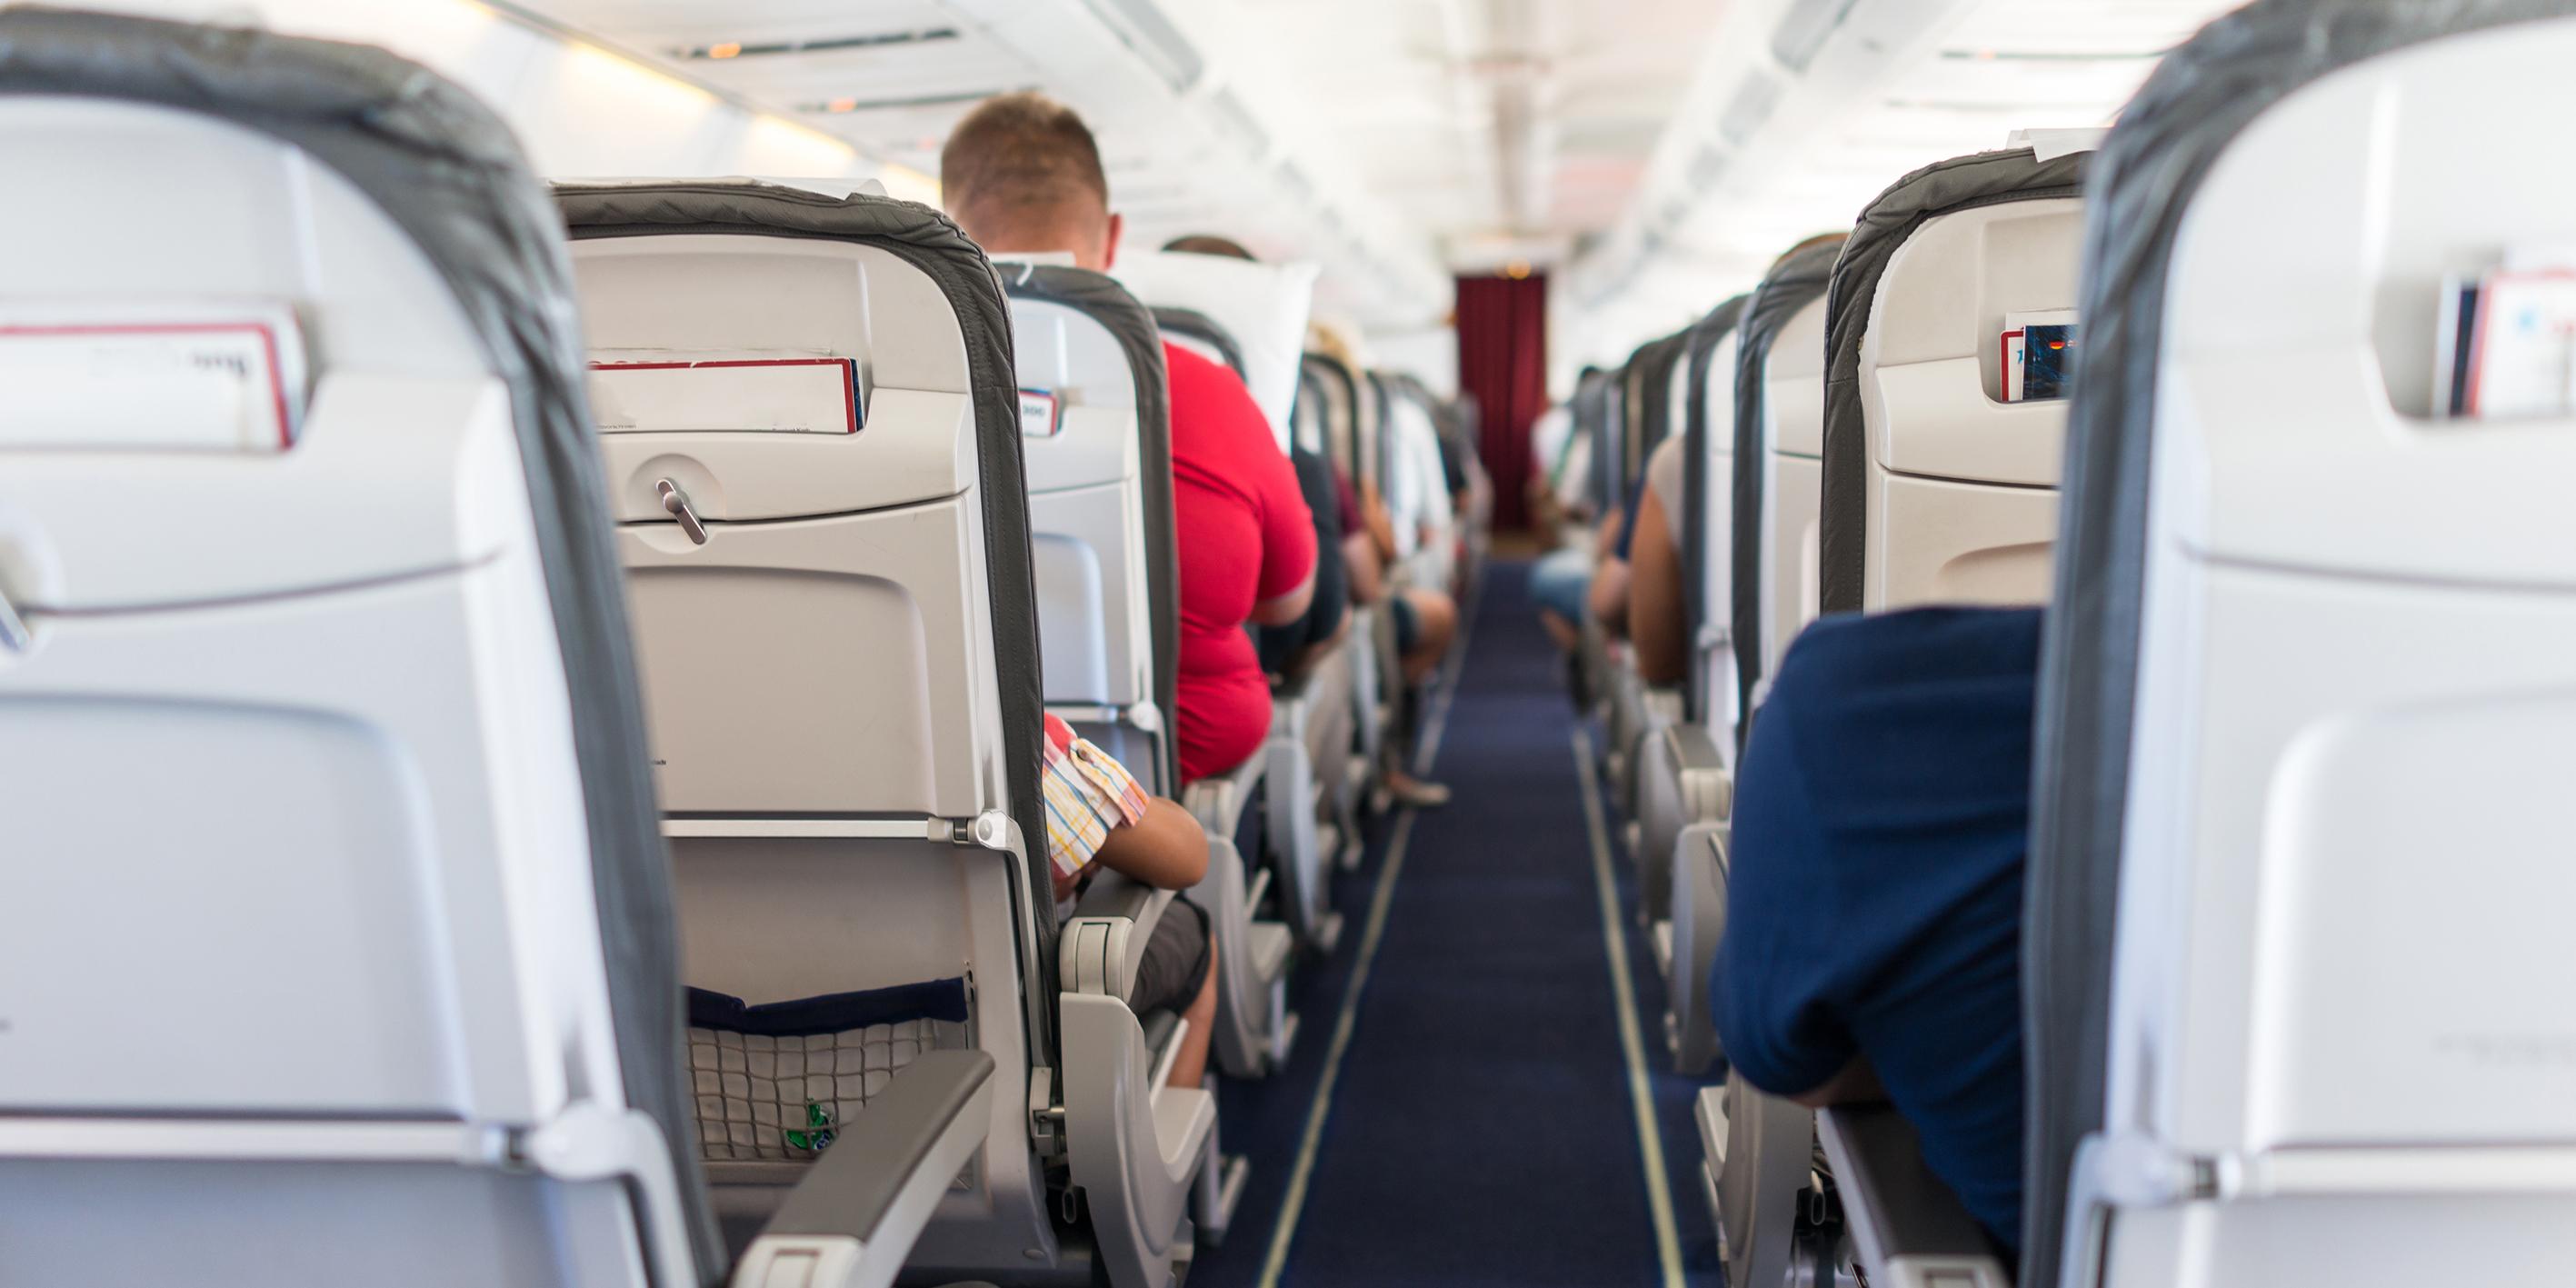 Passageiro é impedido de viajar por conta de excesso na lotação do voo